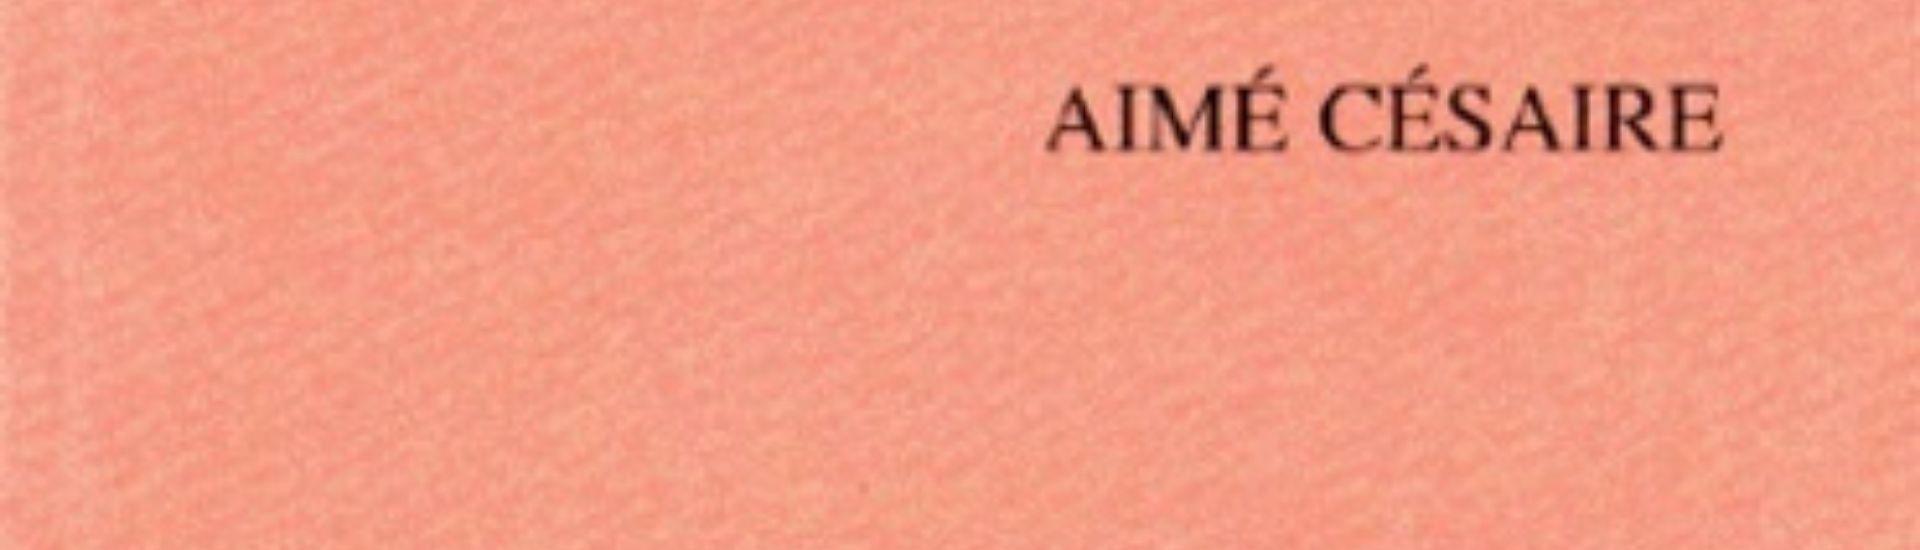 Aimé Césaire (Cahier d'un retour au pays natal)